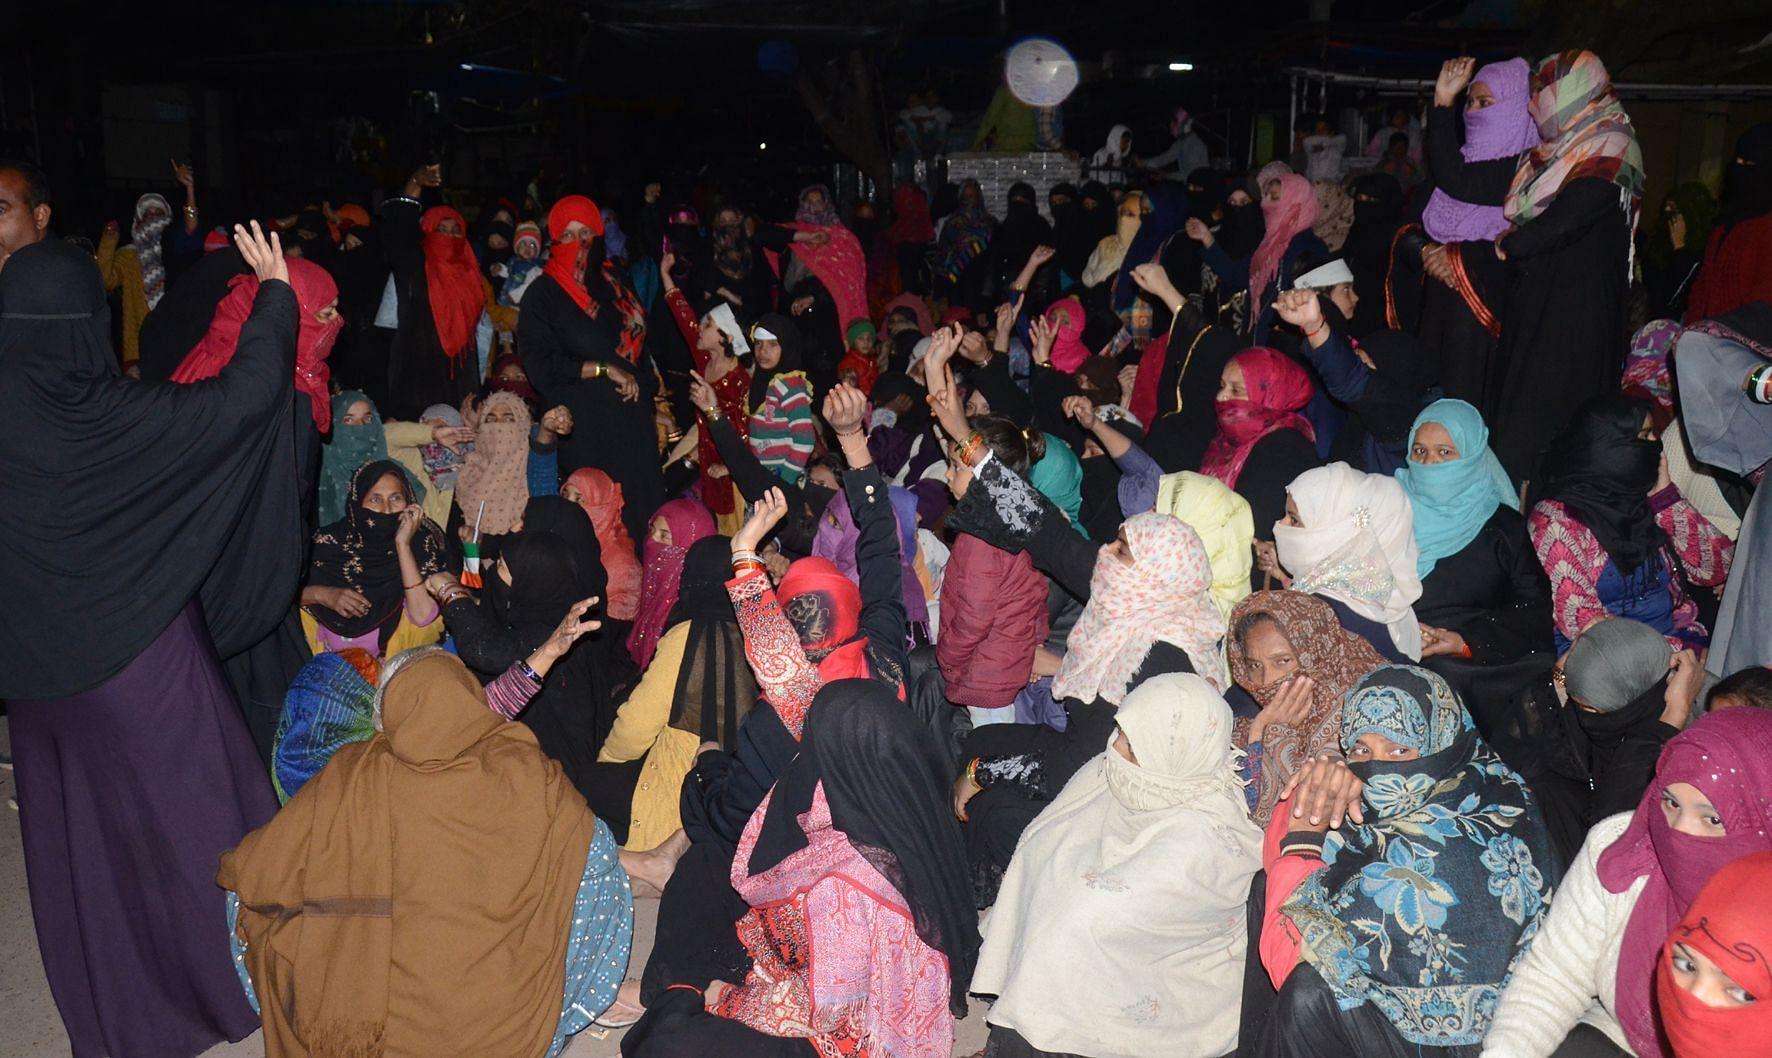 उपरकोट कोतवाली पर एनआरसी व सीएए के विरोध में प्रदर्शन करती महिलाएं।